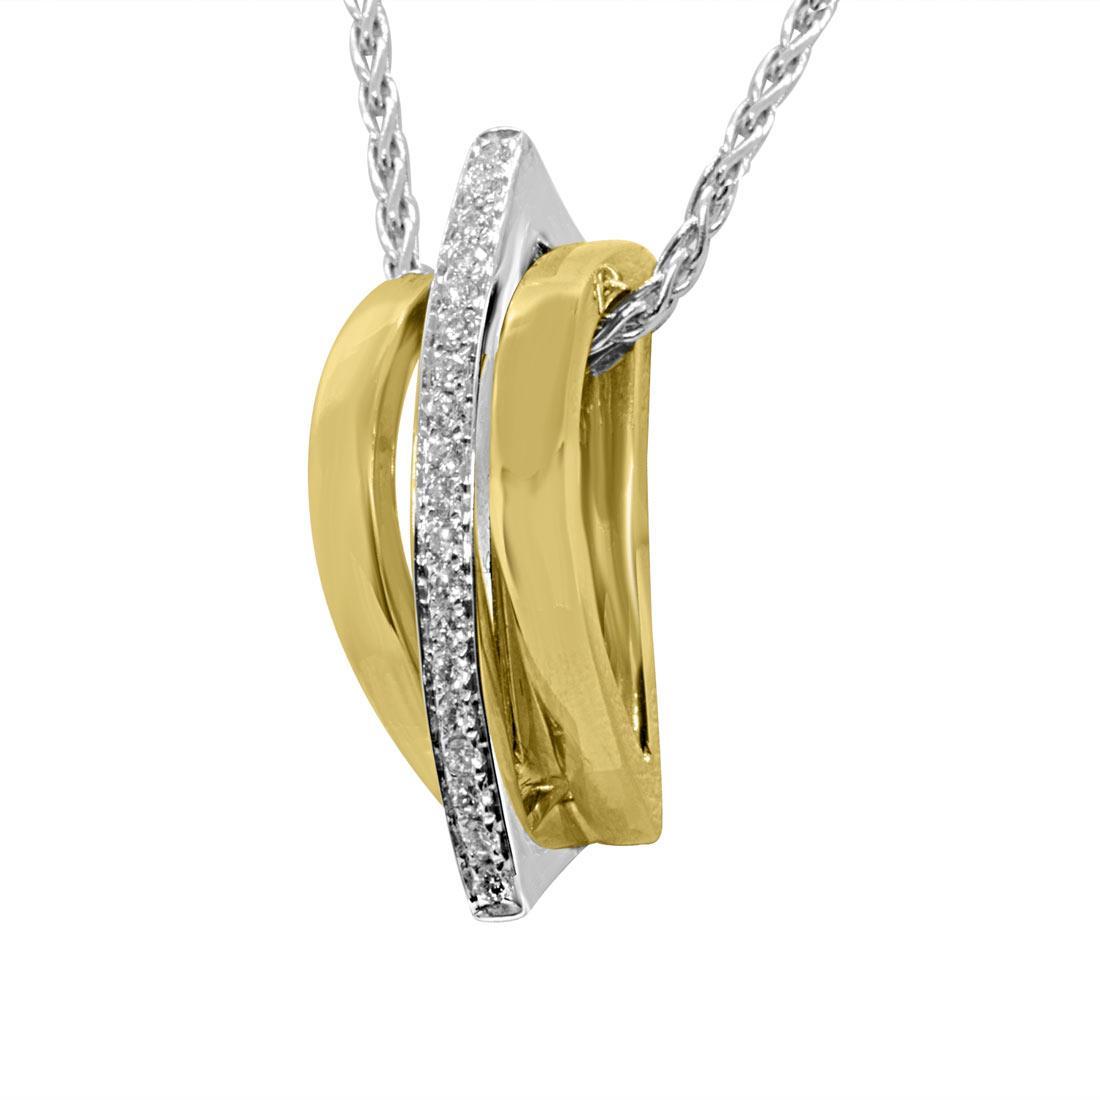 Collana in oro bianco con pendete design in oro bianco, oro giallo e diamanti - ALFIERI & ST. JOHN